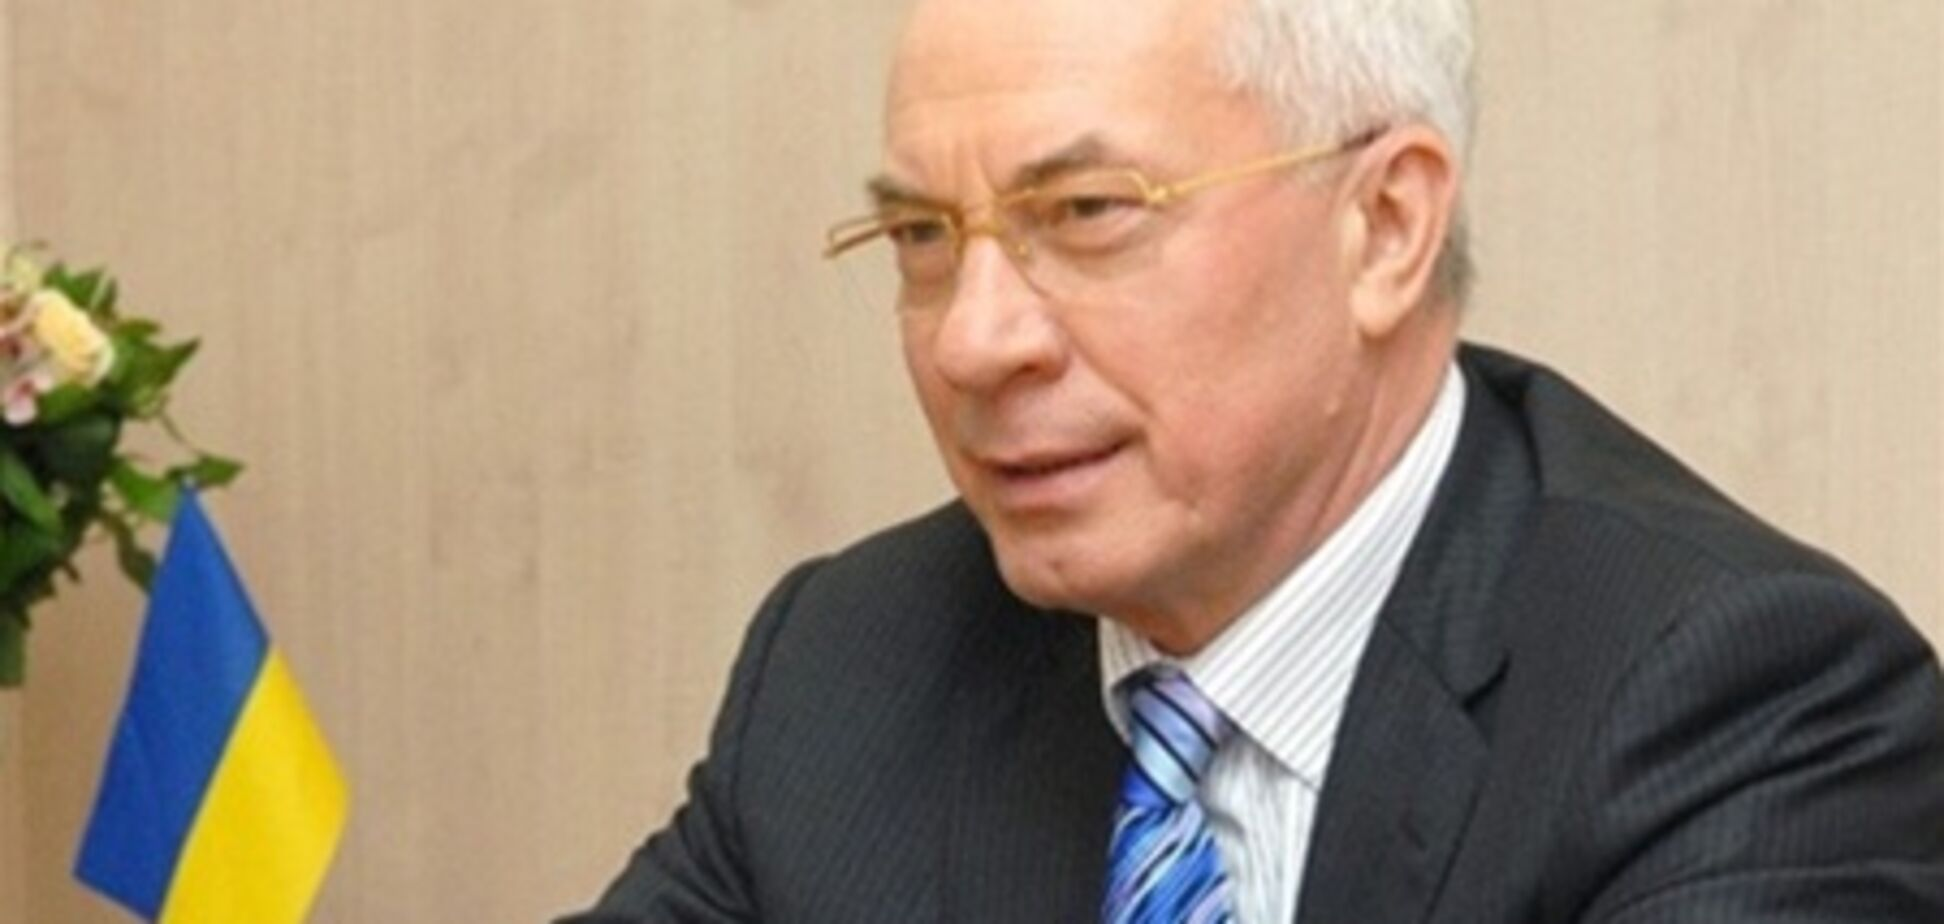 Азаров в суде над Тимошенко: можно было добиться лучшего контракта